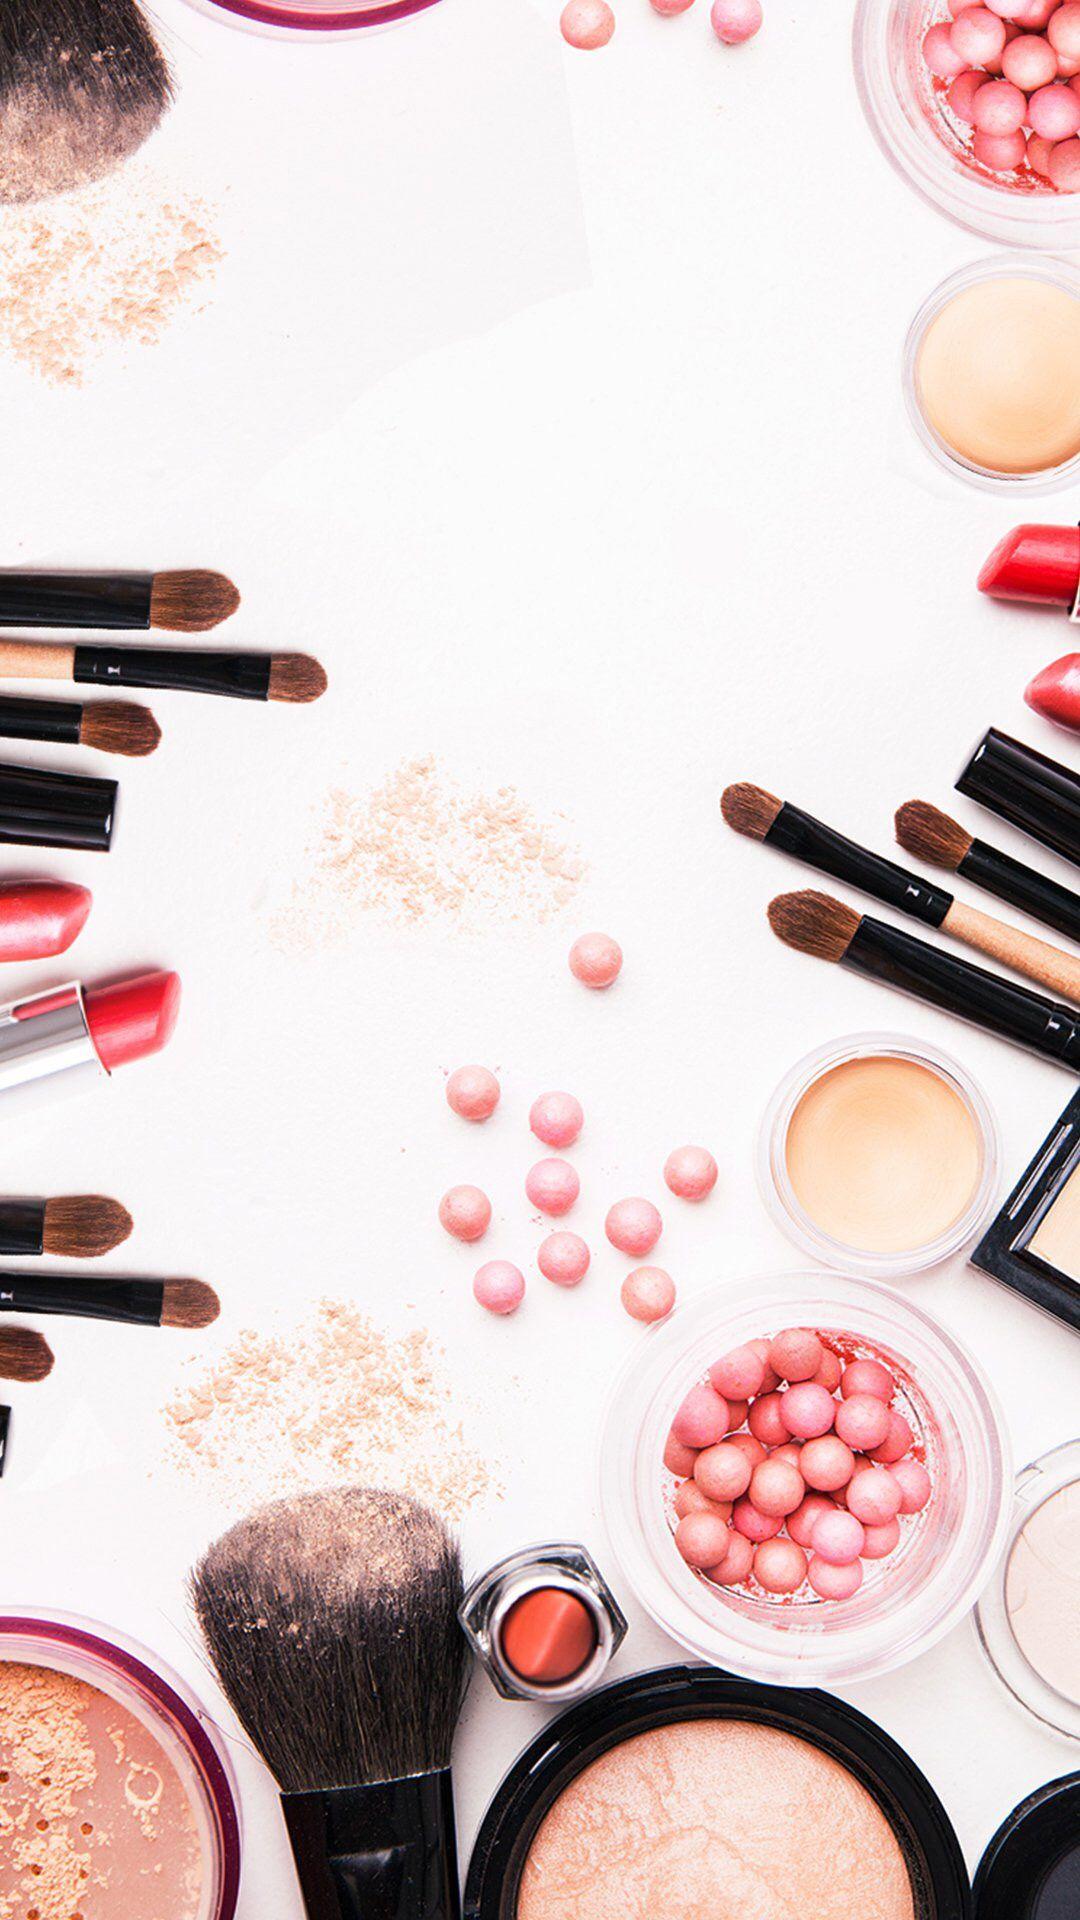 Makeup Wallpaper: Vamos Aproveitar Make Por 30 Reais